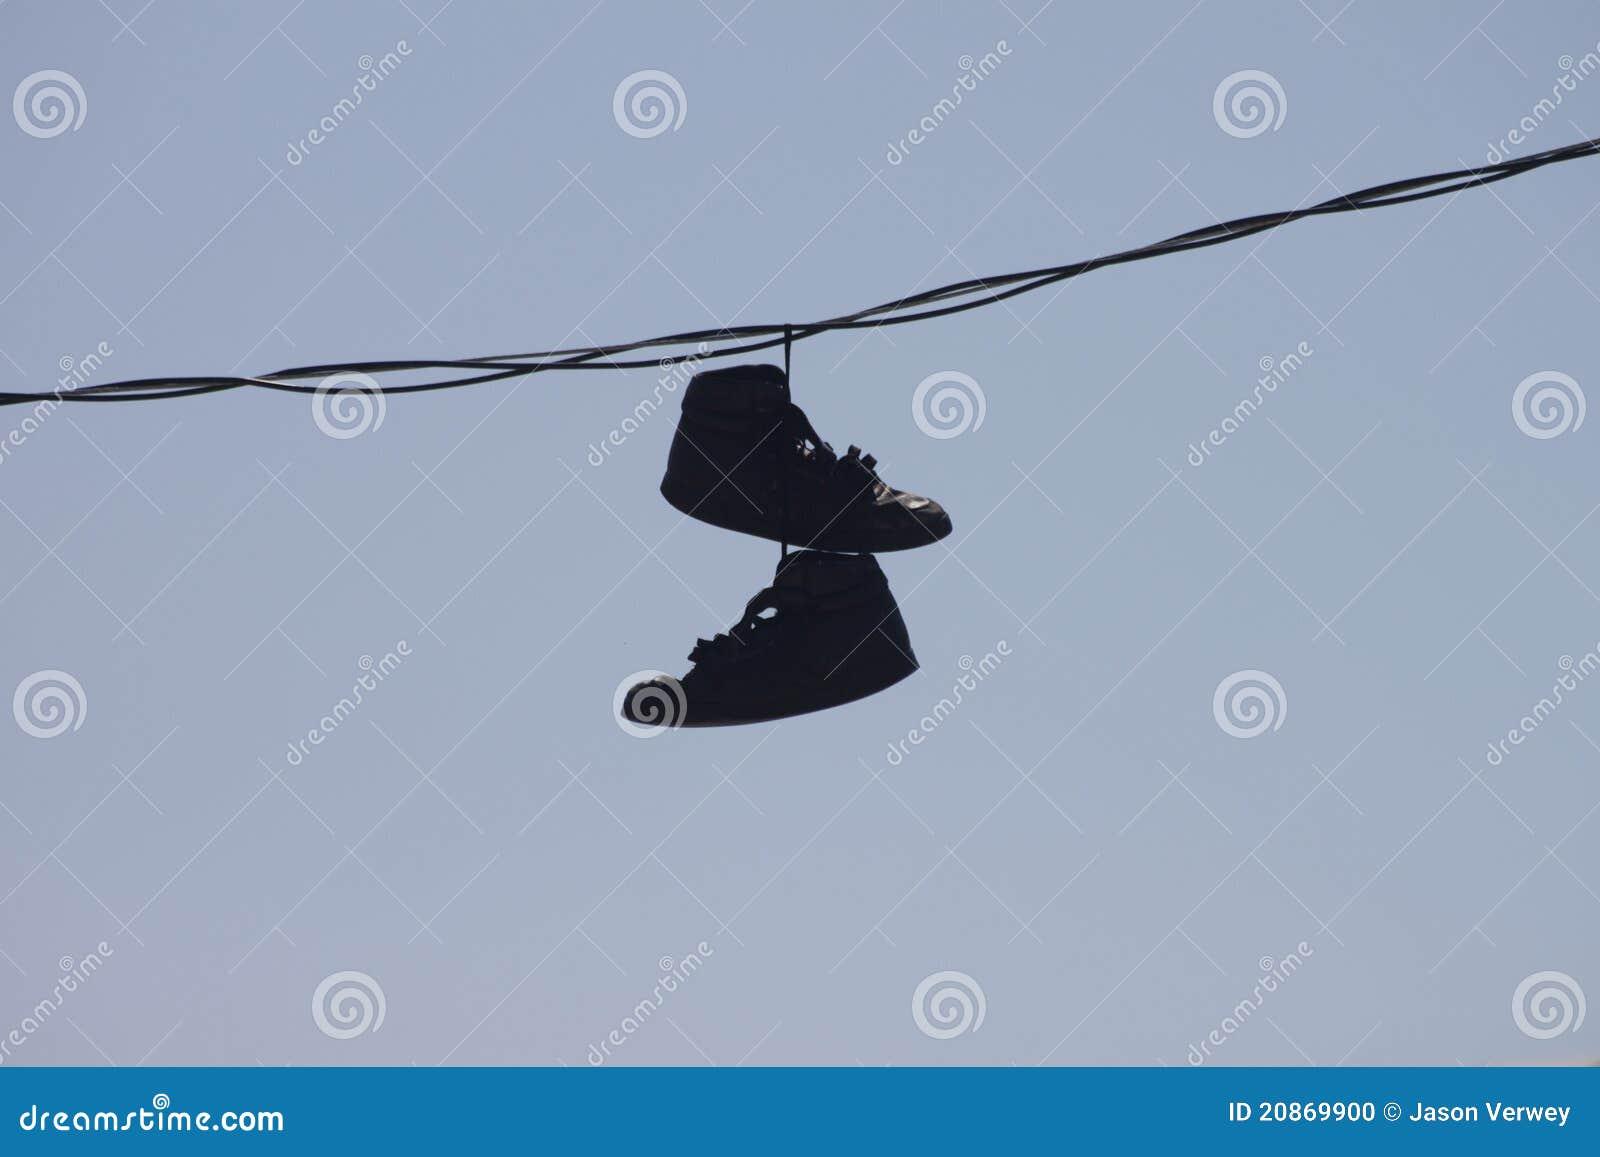 Stock Vieux Du Bleu Sur Chaussures Fil Le S'arrêtant Photo Image xXwvqAU